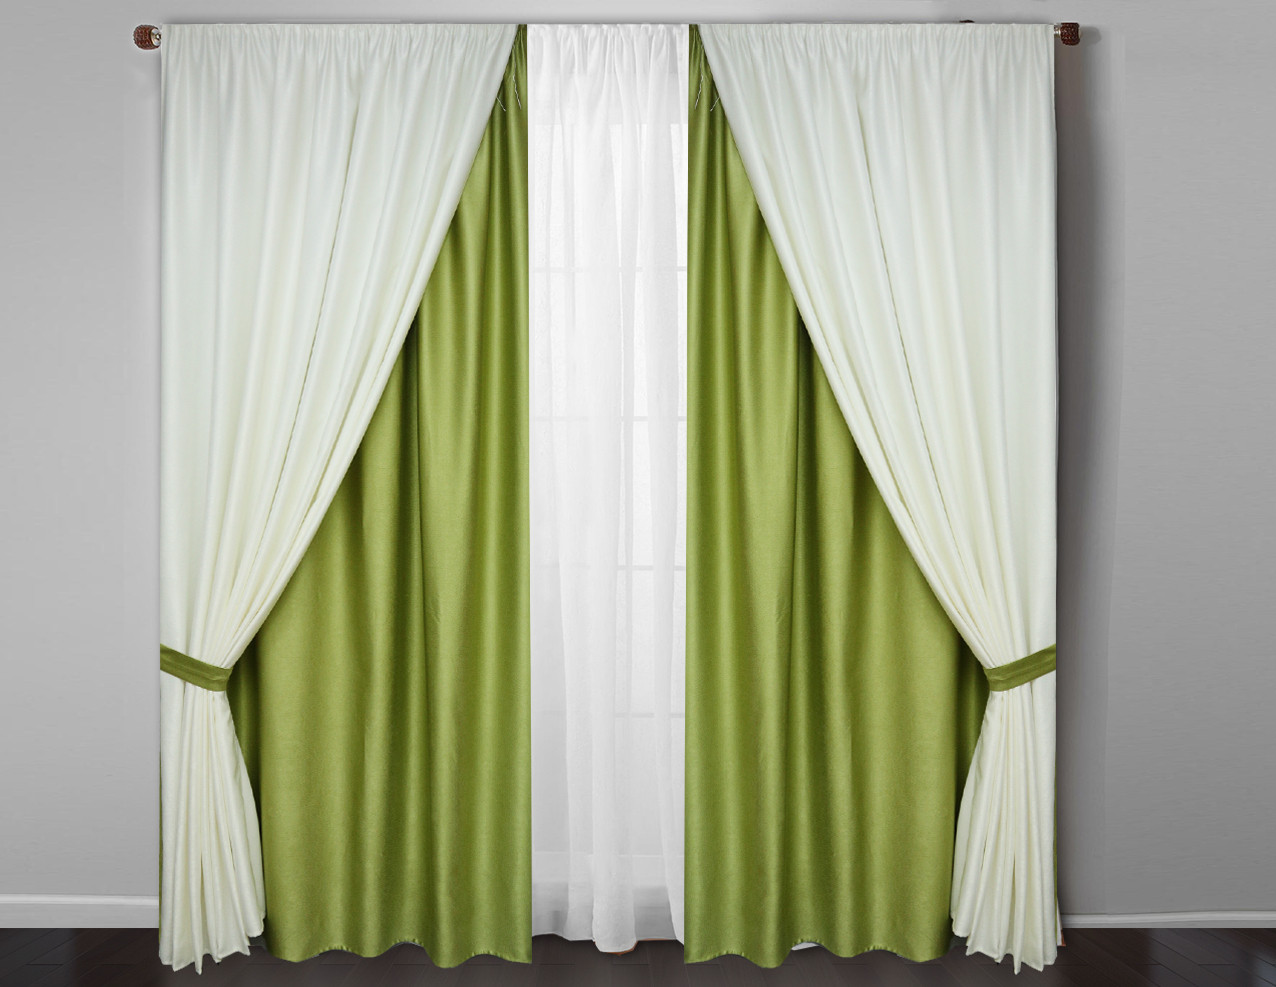 Богатые шторы в комплекте с тюлем